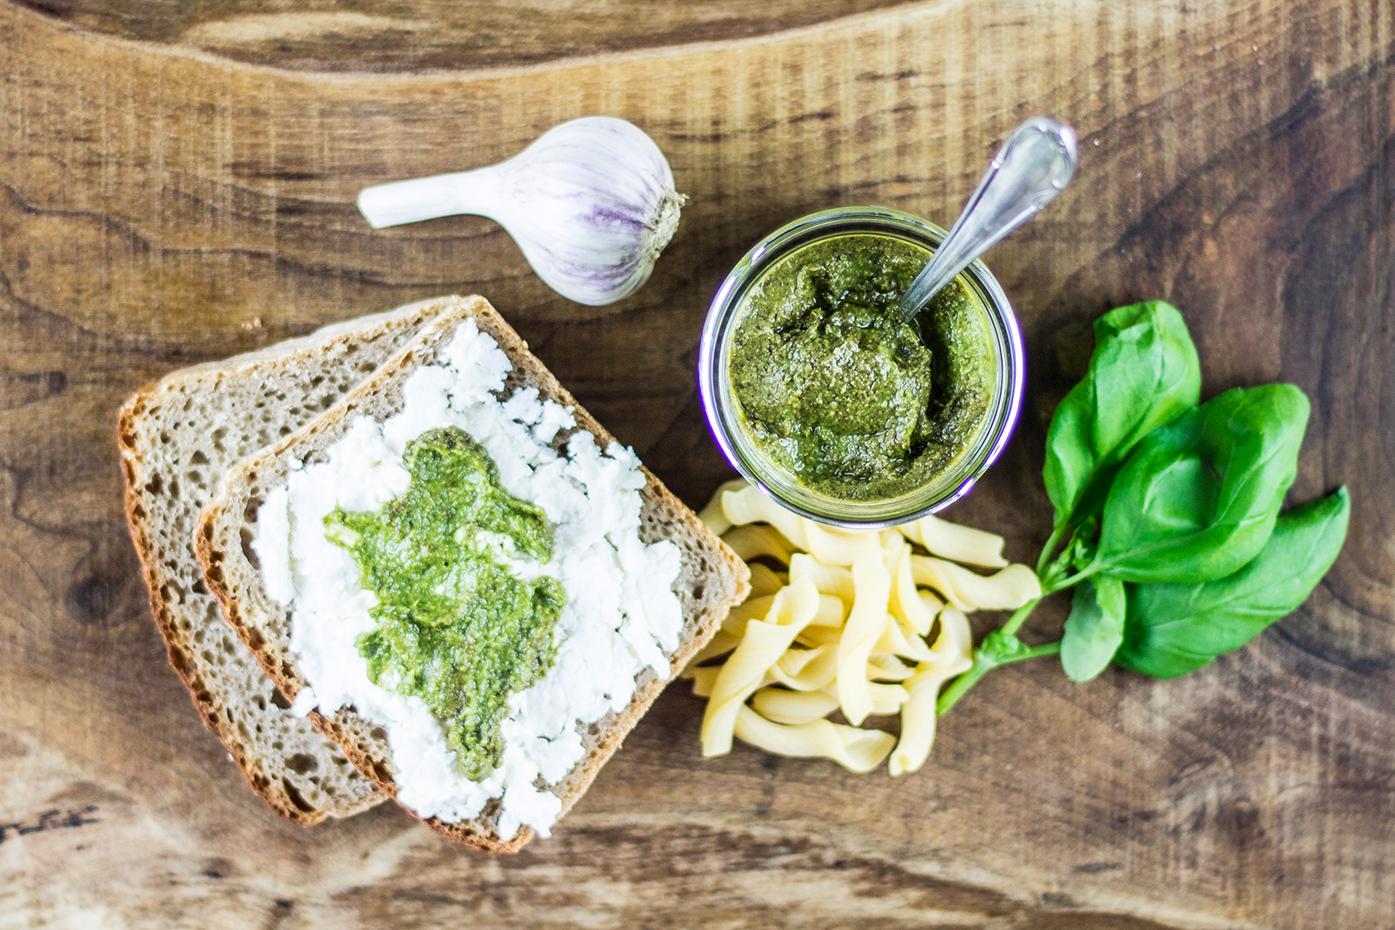 bazalkové pesto herbiana bez chemie zdravá veganská snídaně